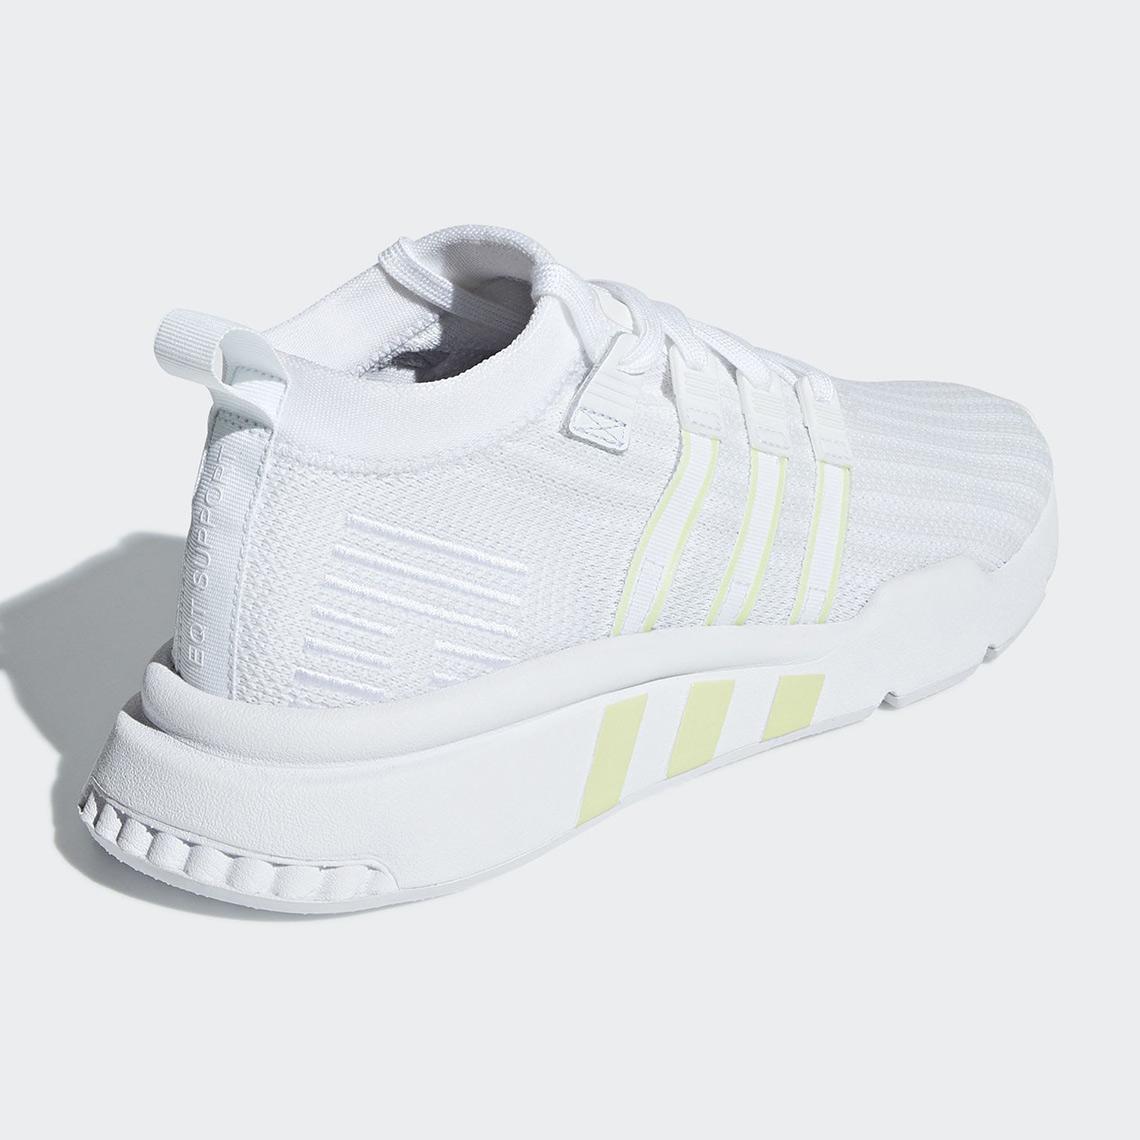 buy popular 633de 3228f adidas EQT Support ADV Mid B37456 B37455 | SneakerNews.com